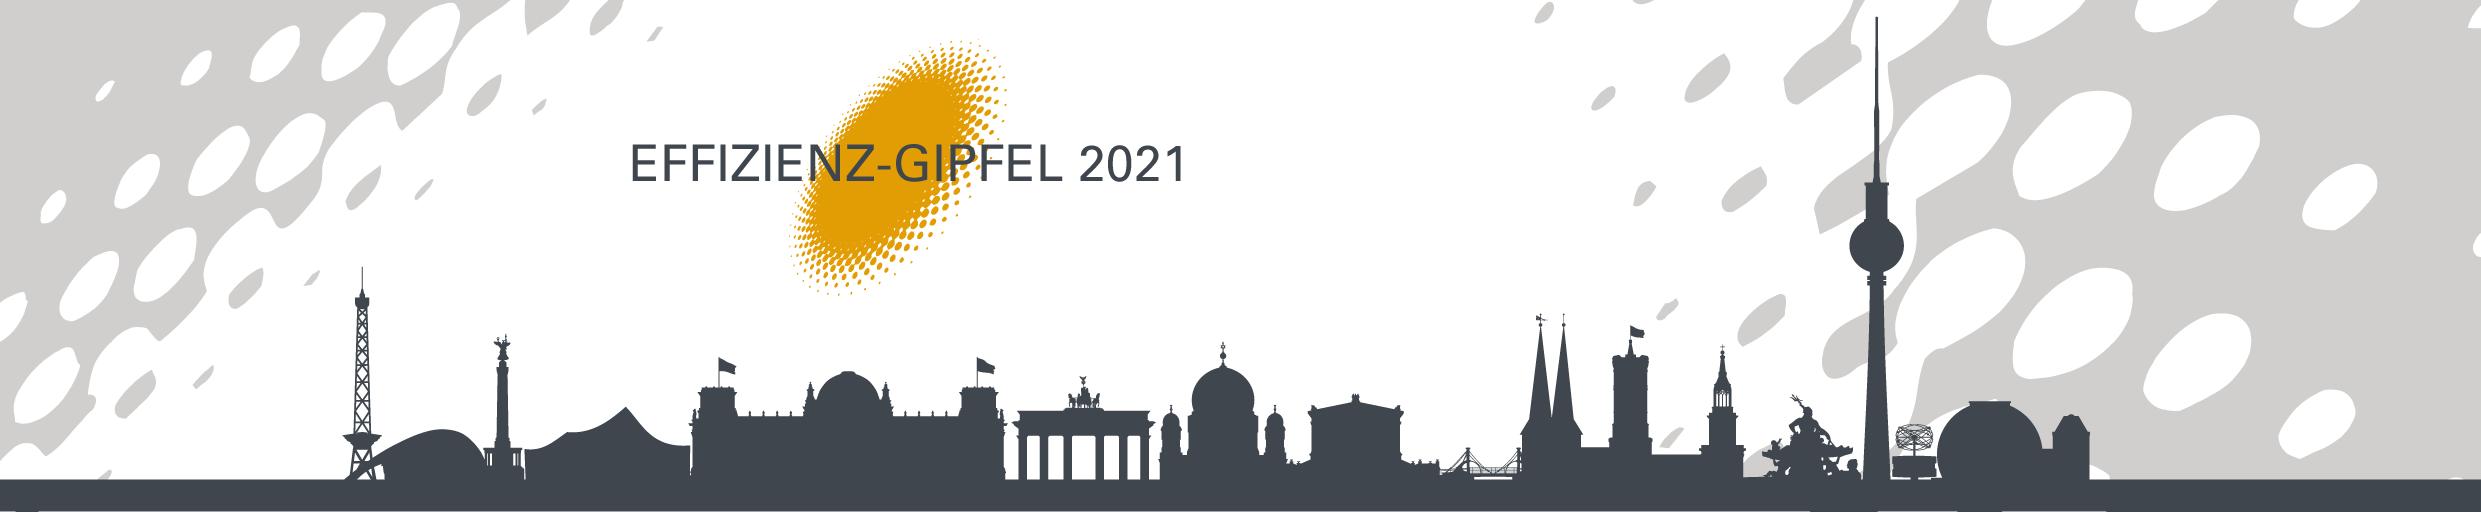 Effizienz Gipfel 2021